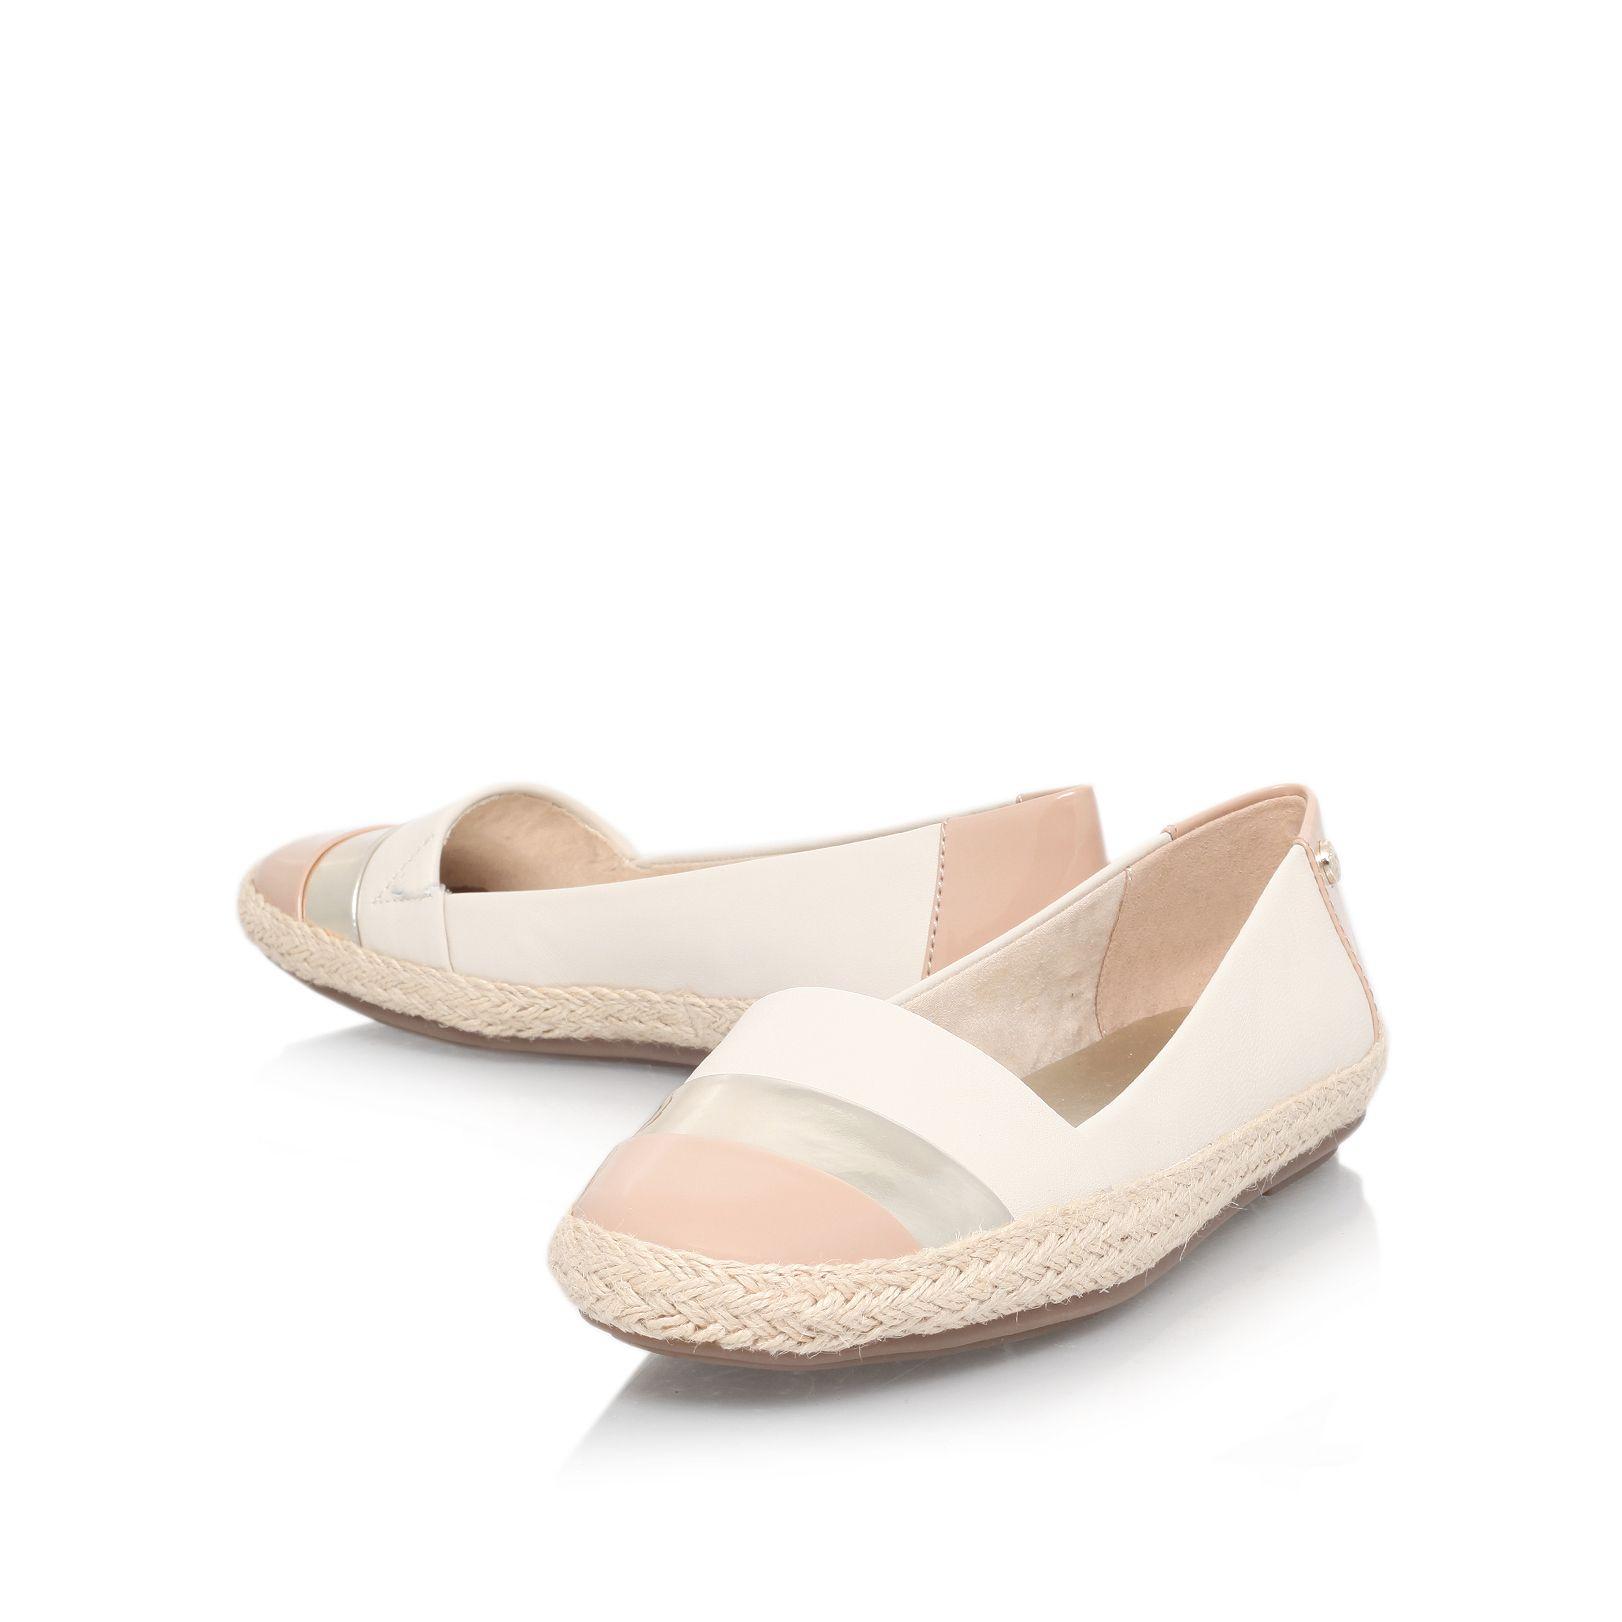 klein saleem flat slip on shoes in lyst